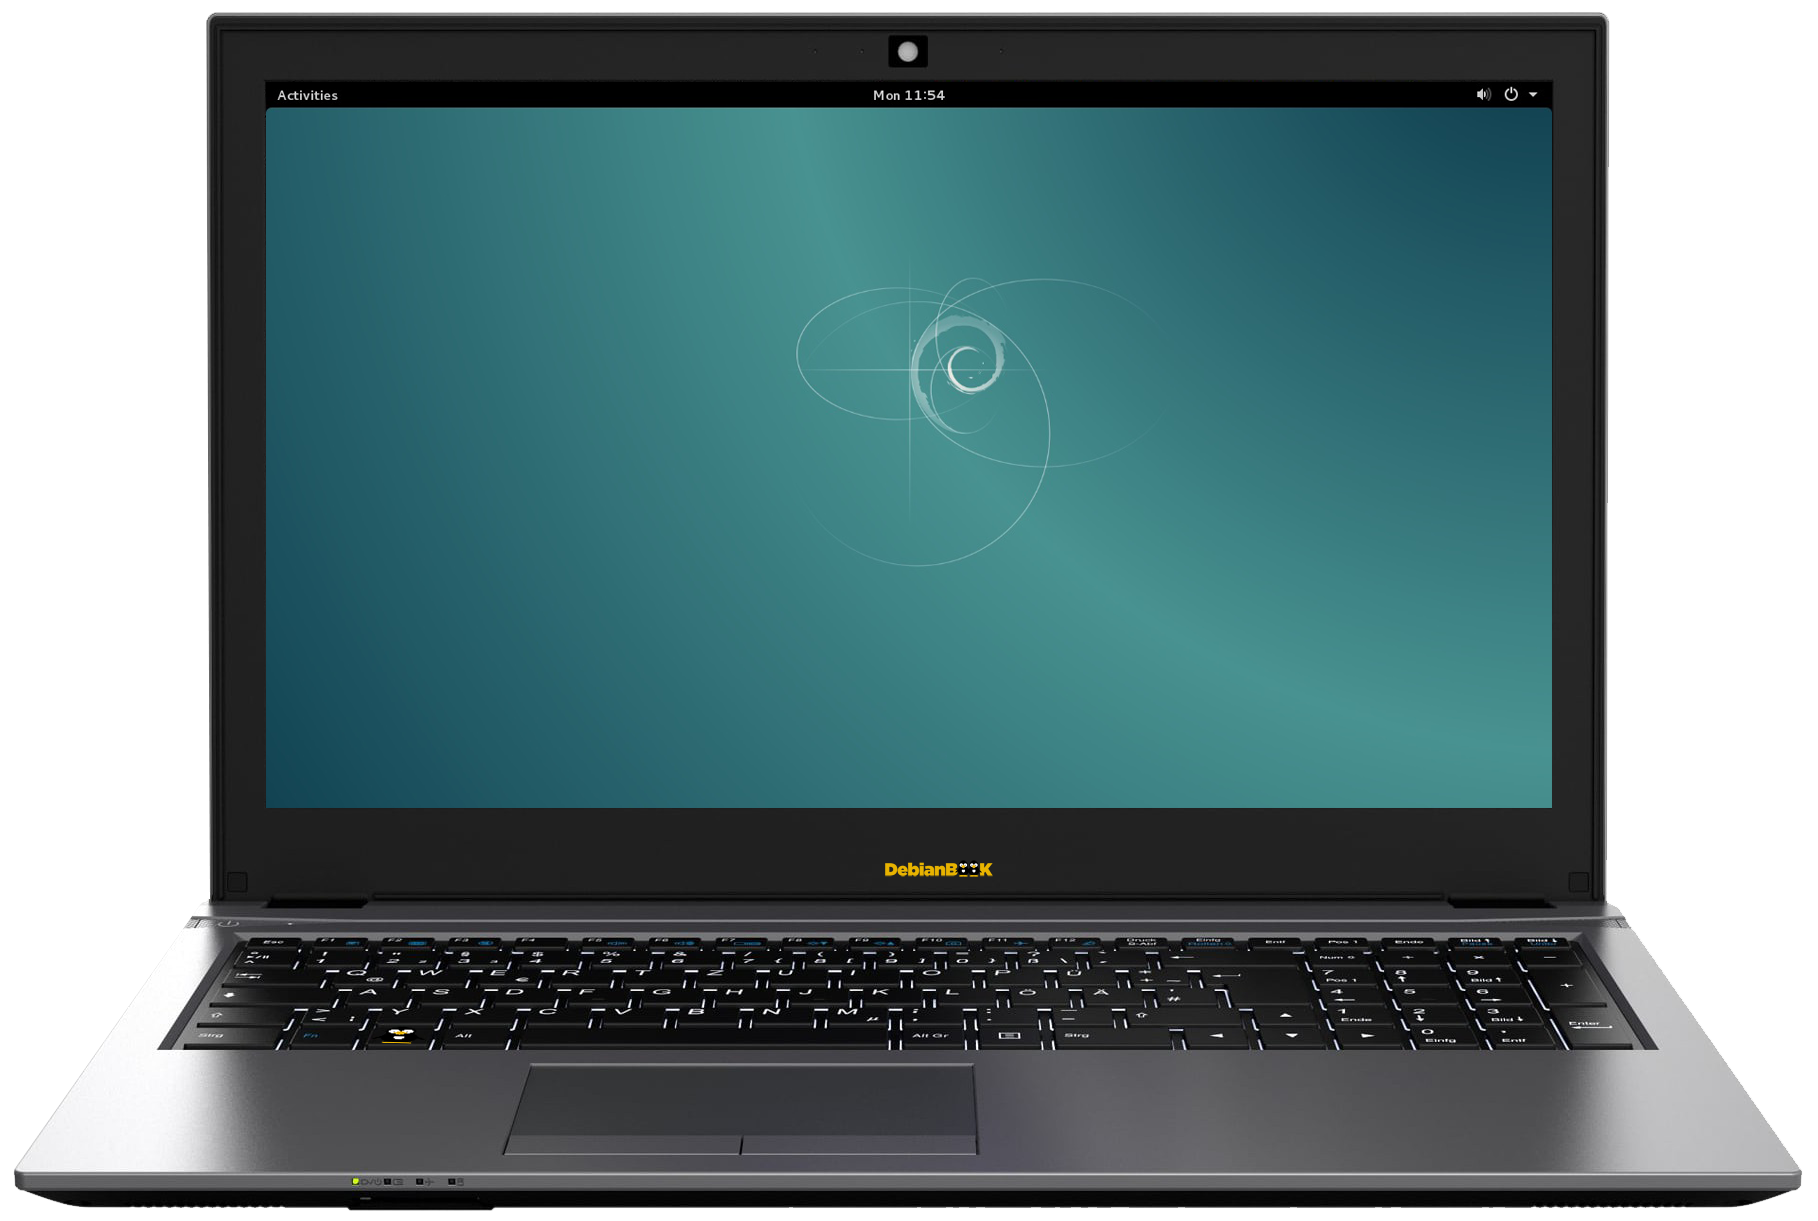 Debian NoteBook 15,6